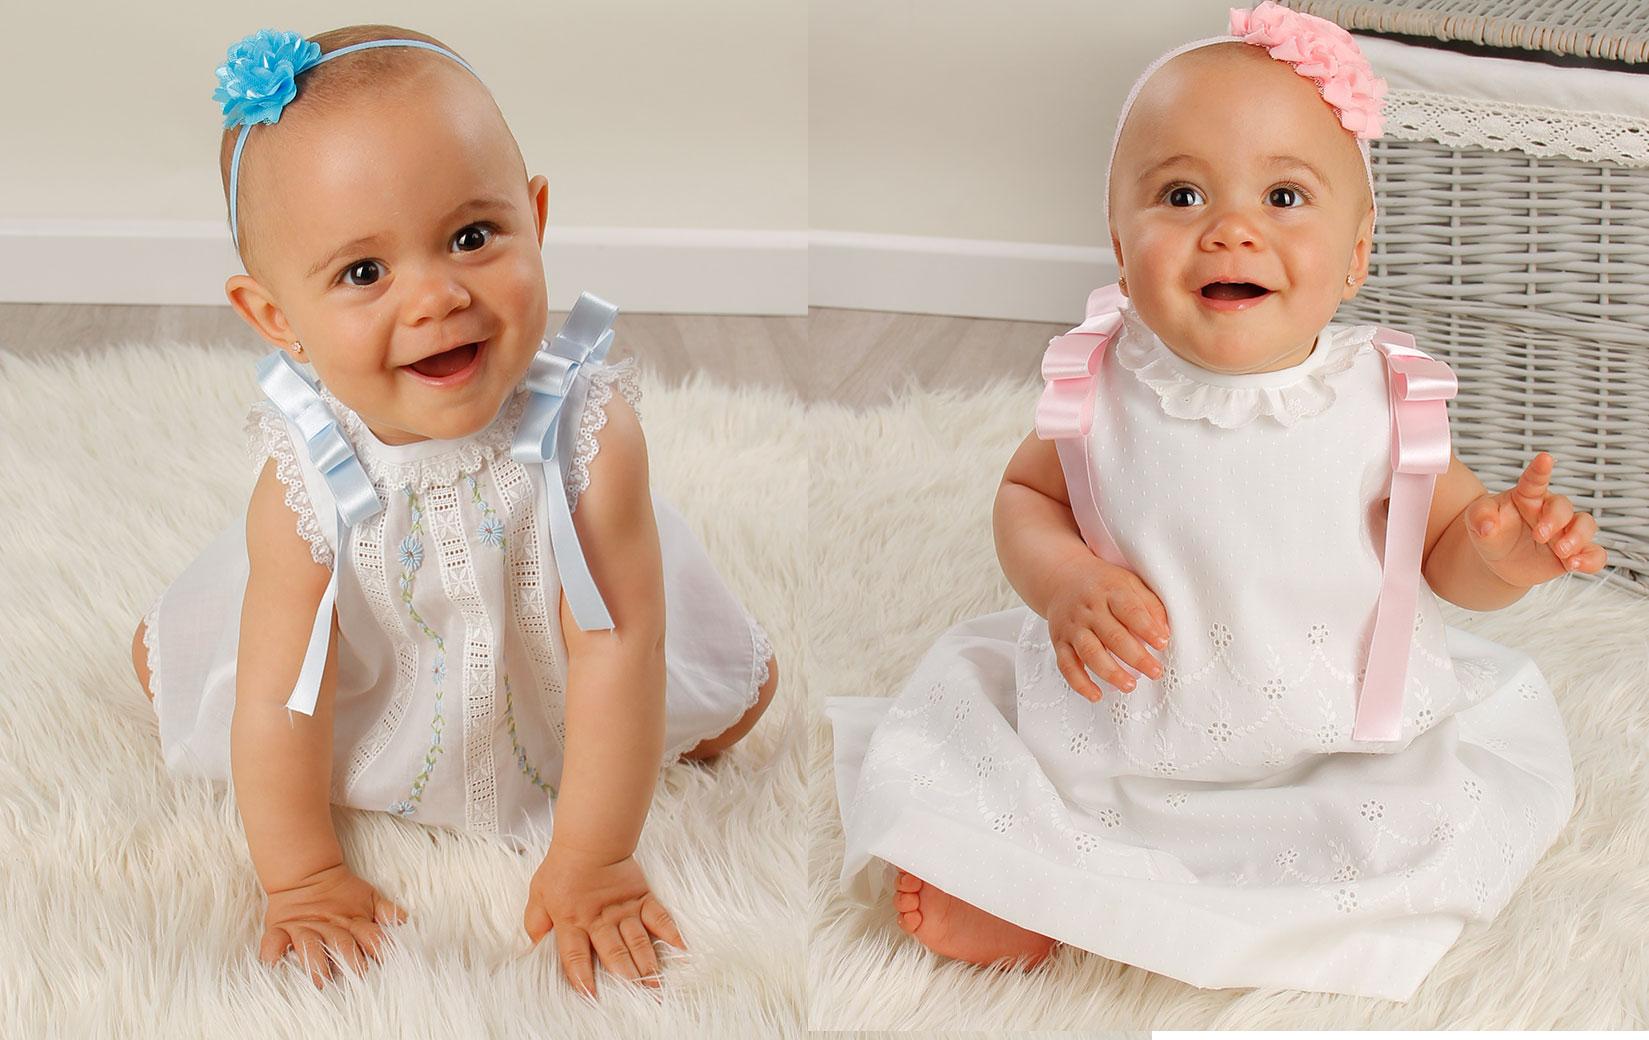 39d6c0e35f1ff Ropa bebe artesanal de primera Calidad. Tienda Ropa y Complementos de lujo  para el bebé - Peques y Bebes